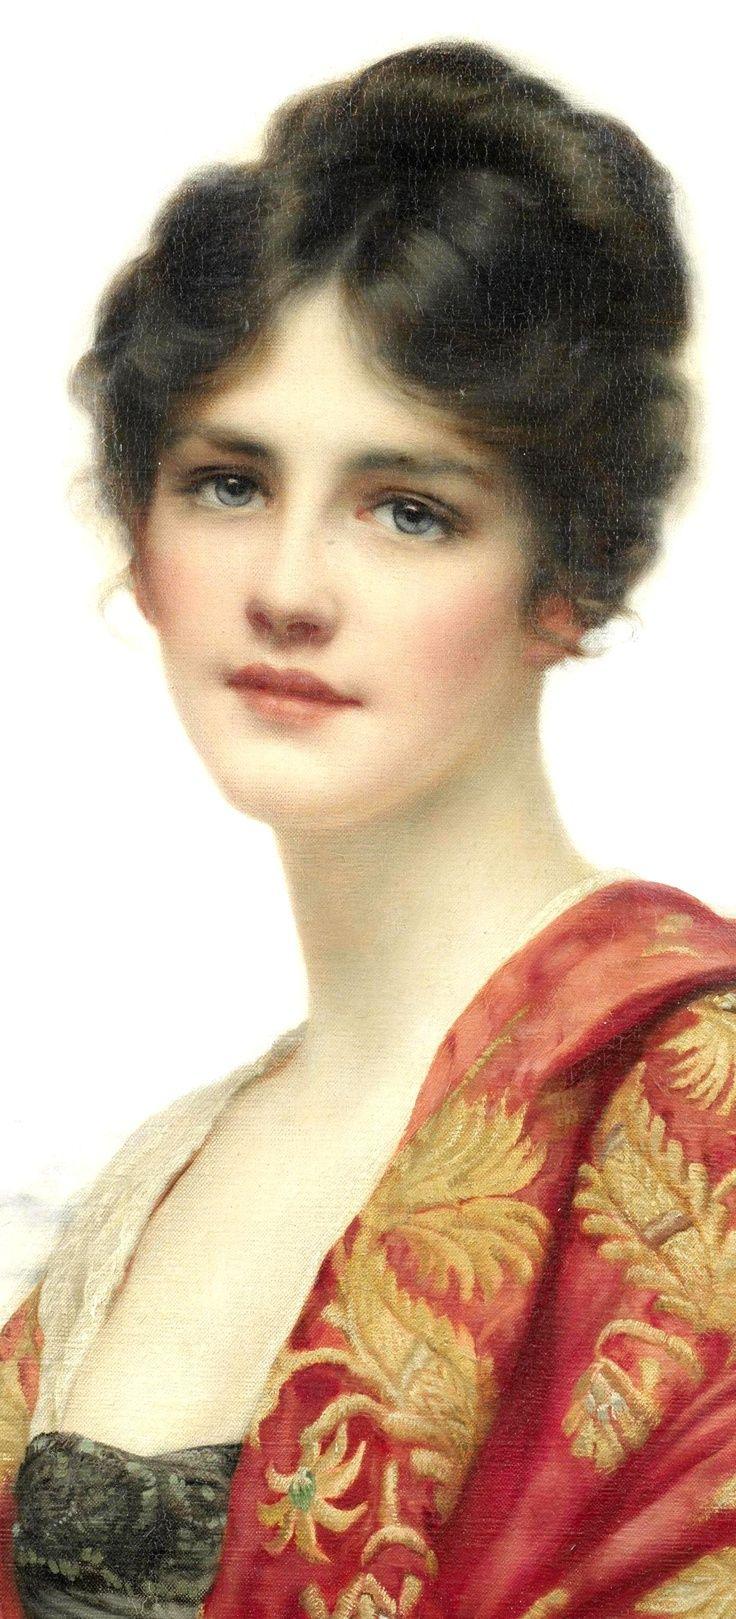 Esme - détail - 1919 - peinture par William Clarke Wontner Colombie, de 1857 à 1930 - Huile sur toile - 63.5x 53.5cm. - Collection privée, au Royaume-Uni 7605